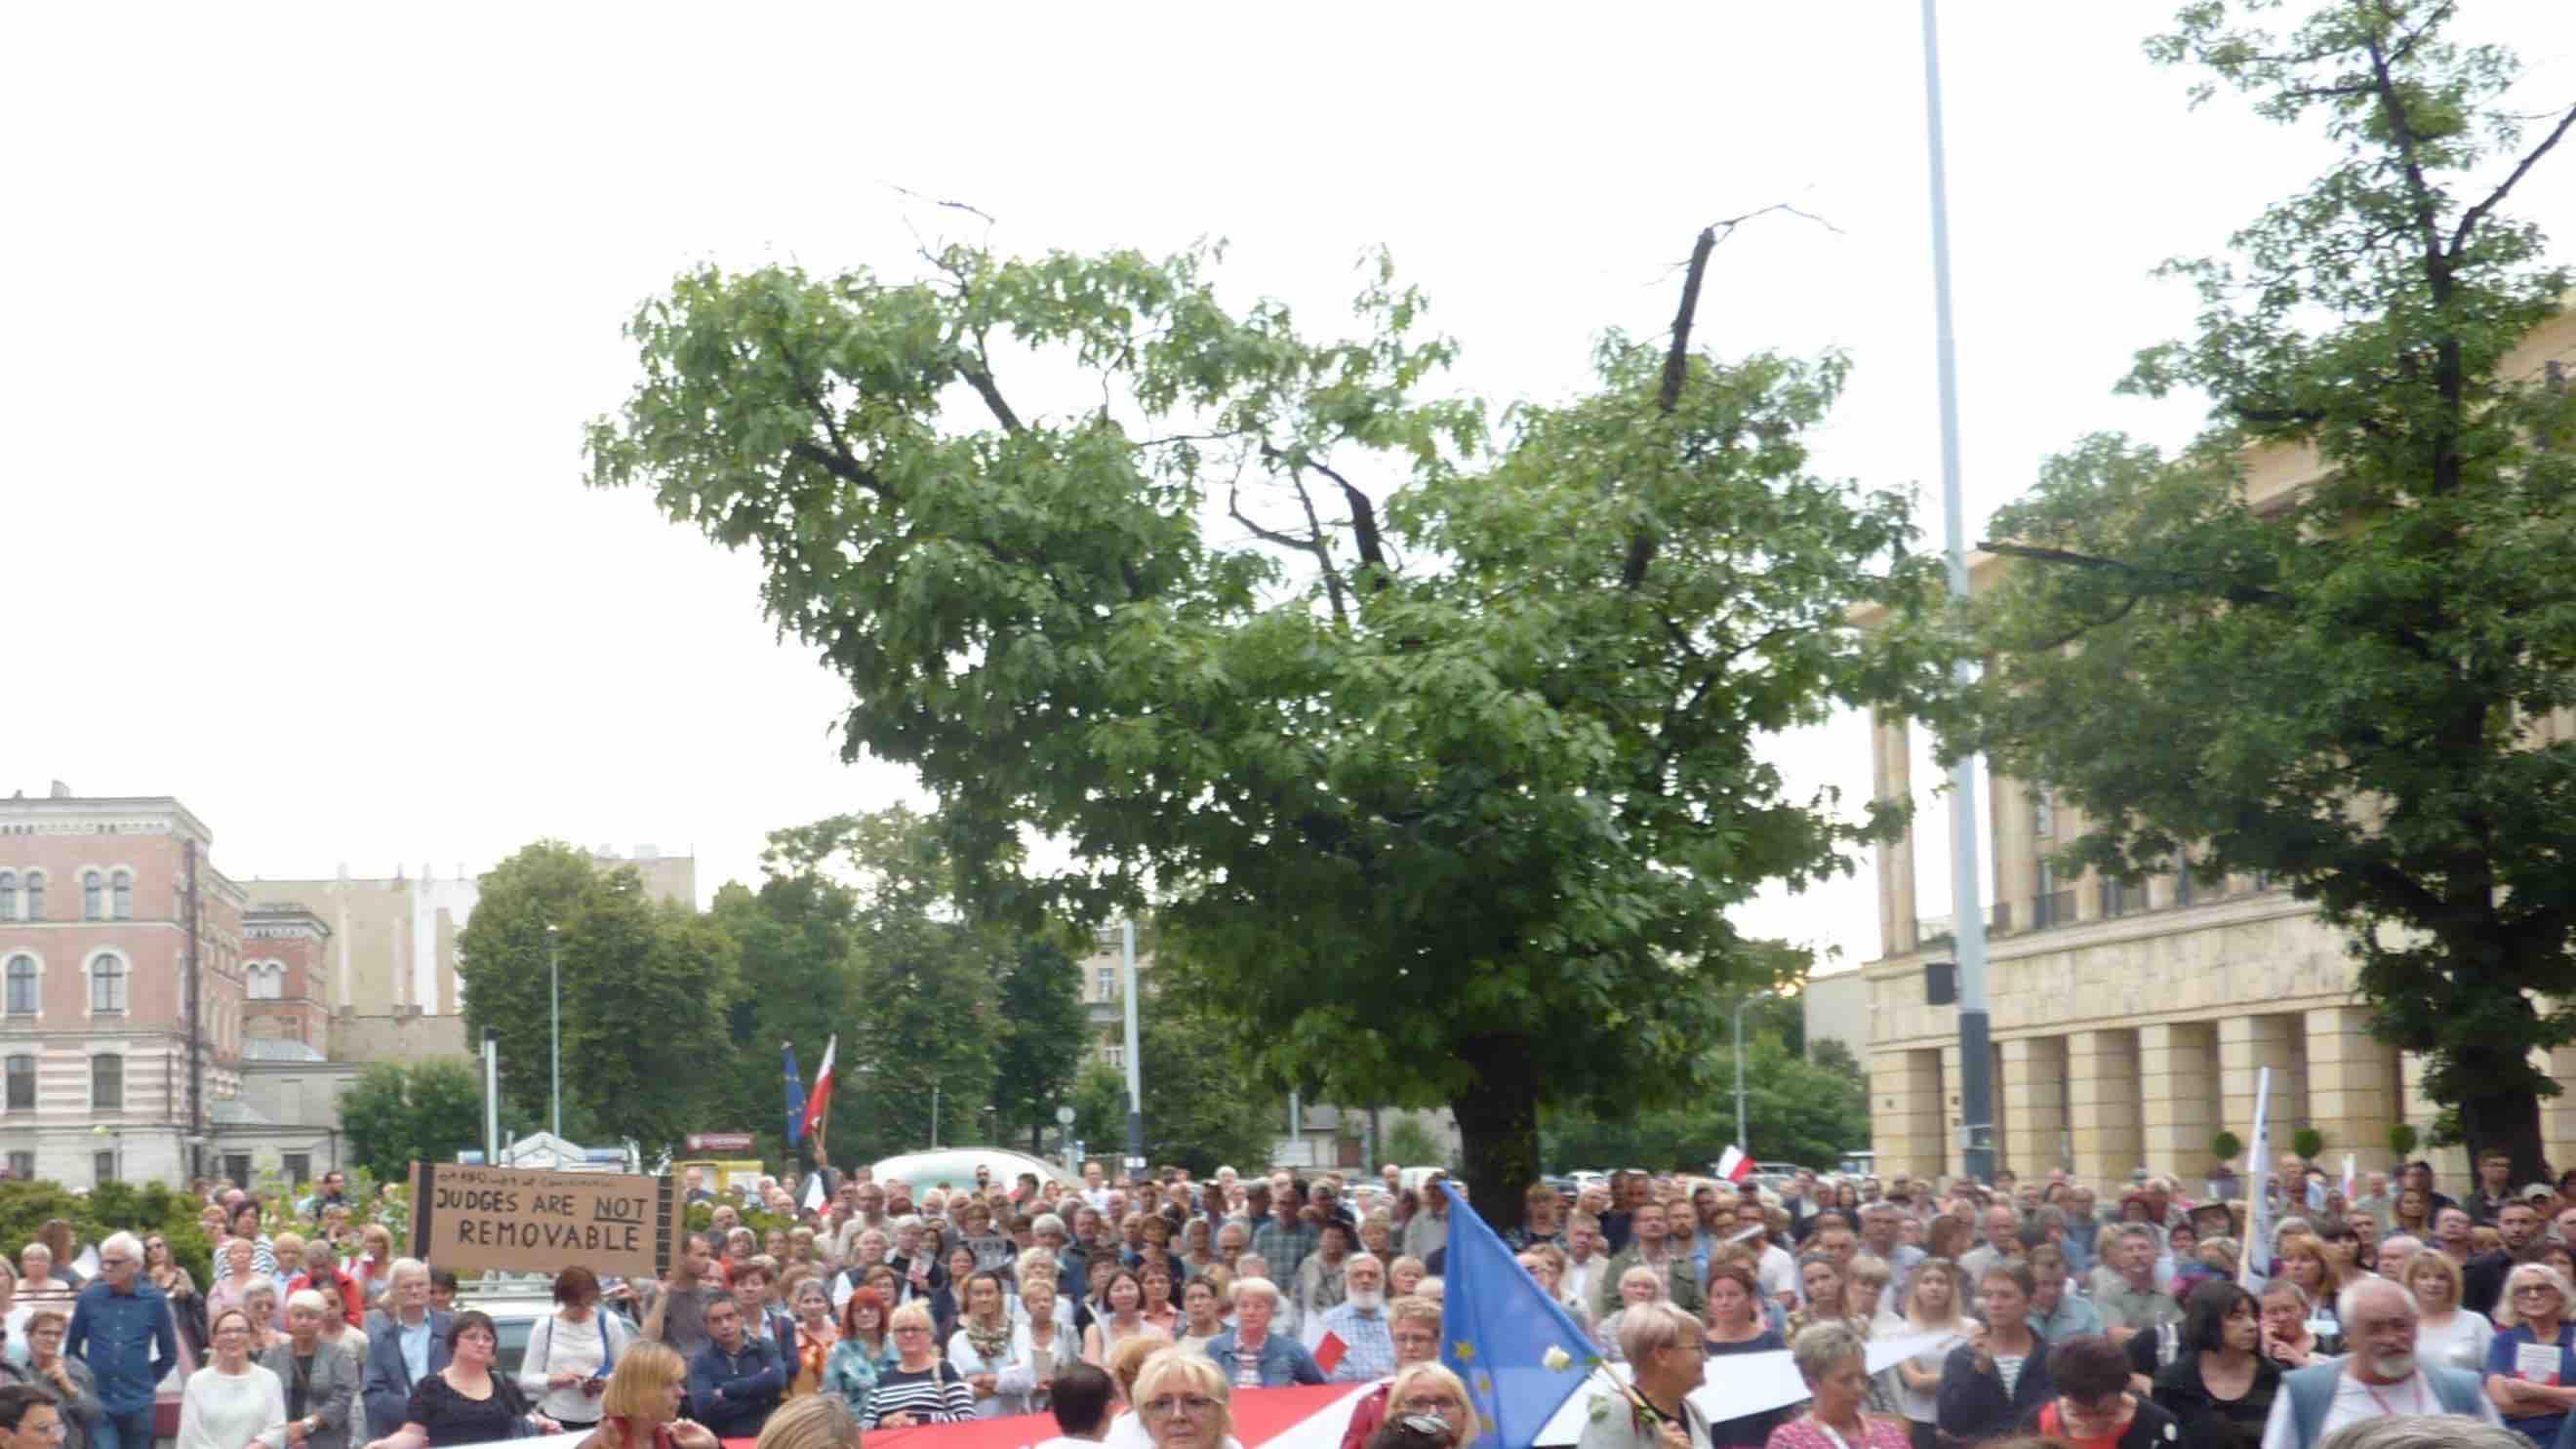 Krótkie przemówienie w obronie Sądu Najwyższego - Liberté!